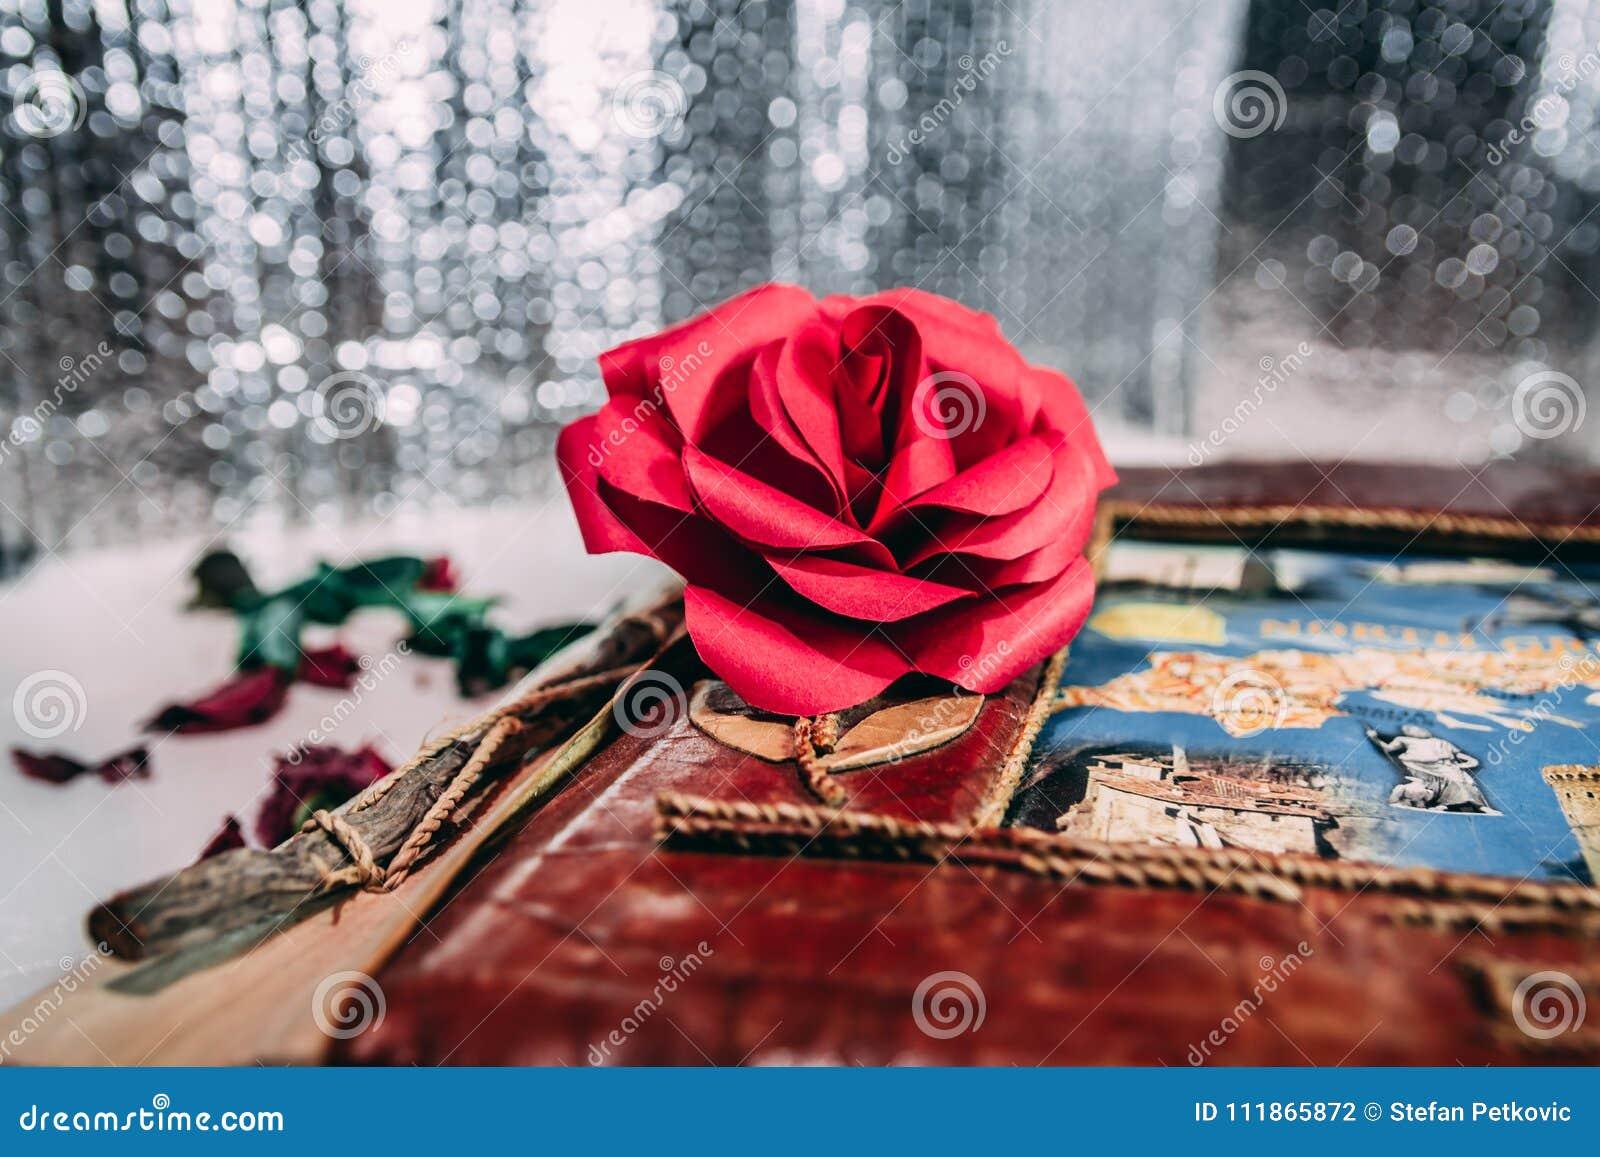 Rose et carnet de rouge sur le fond blanc et gris